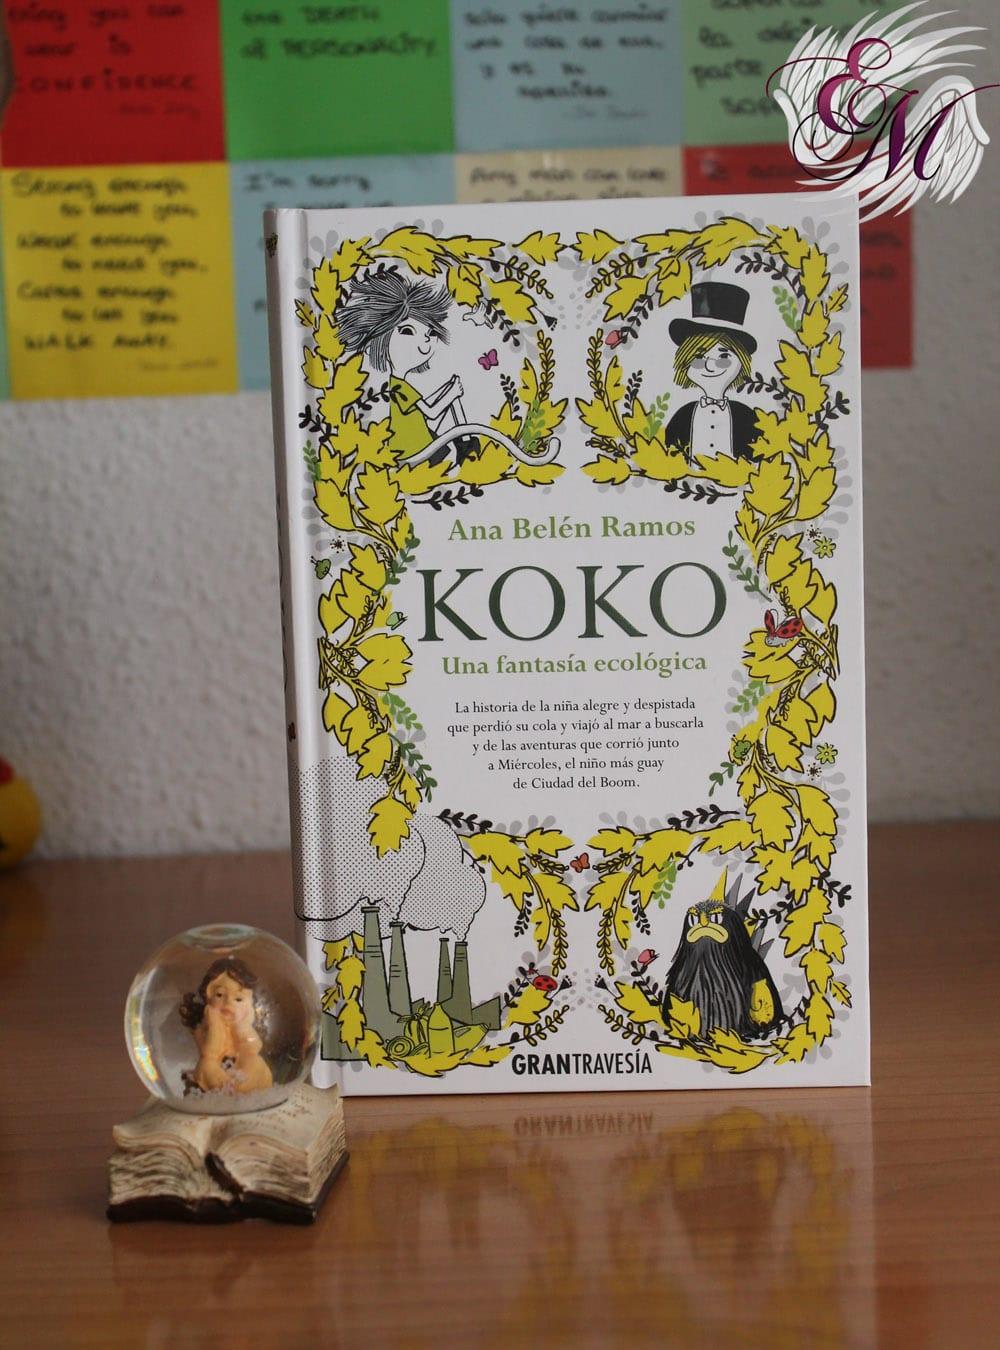 Koko: Una fantasía ecológica, de Ana Belén Ramos - Reseña